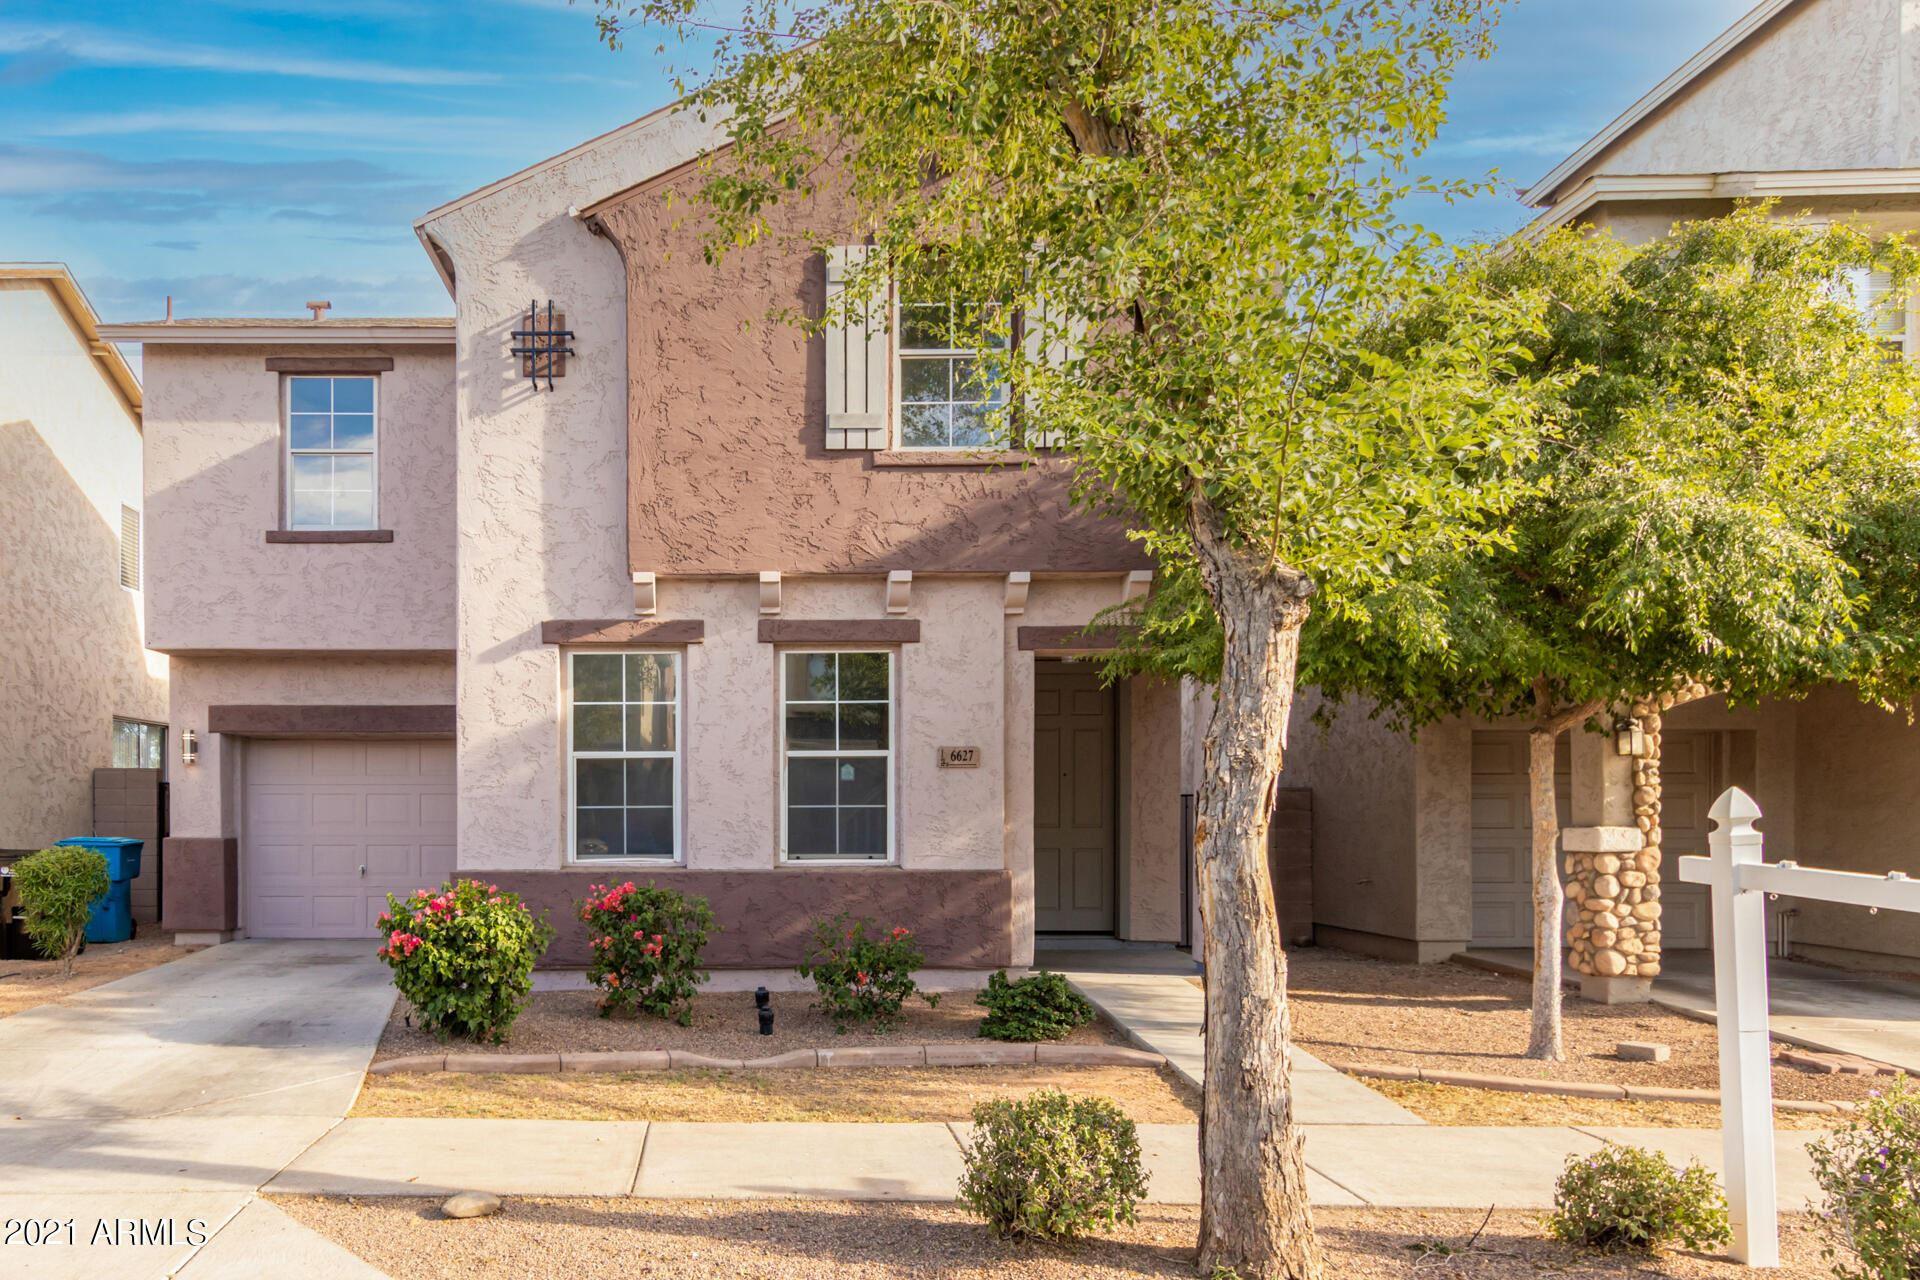 6627 W MELVIN Street, Phoenix, AZ 85043 - MLS#: 6248351